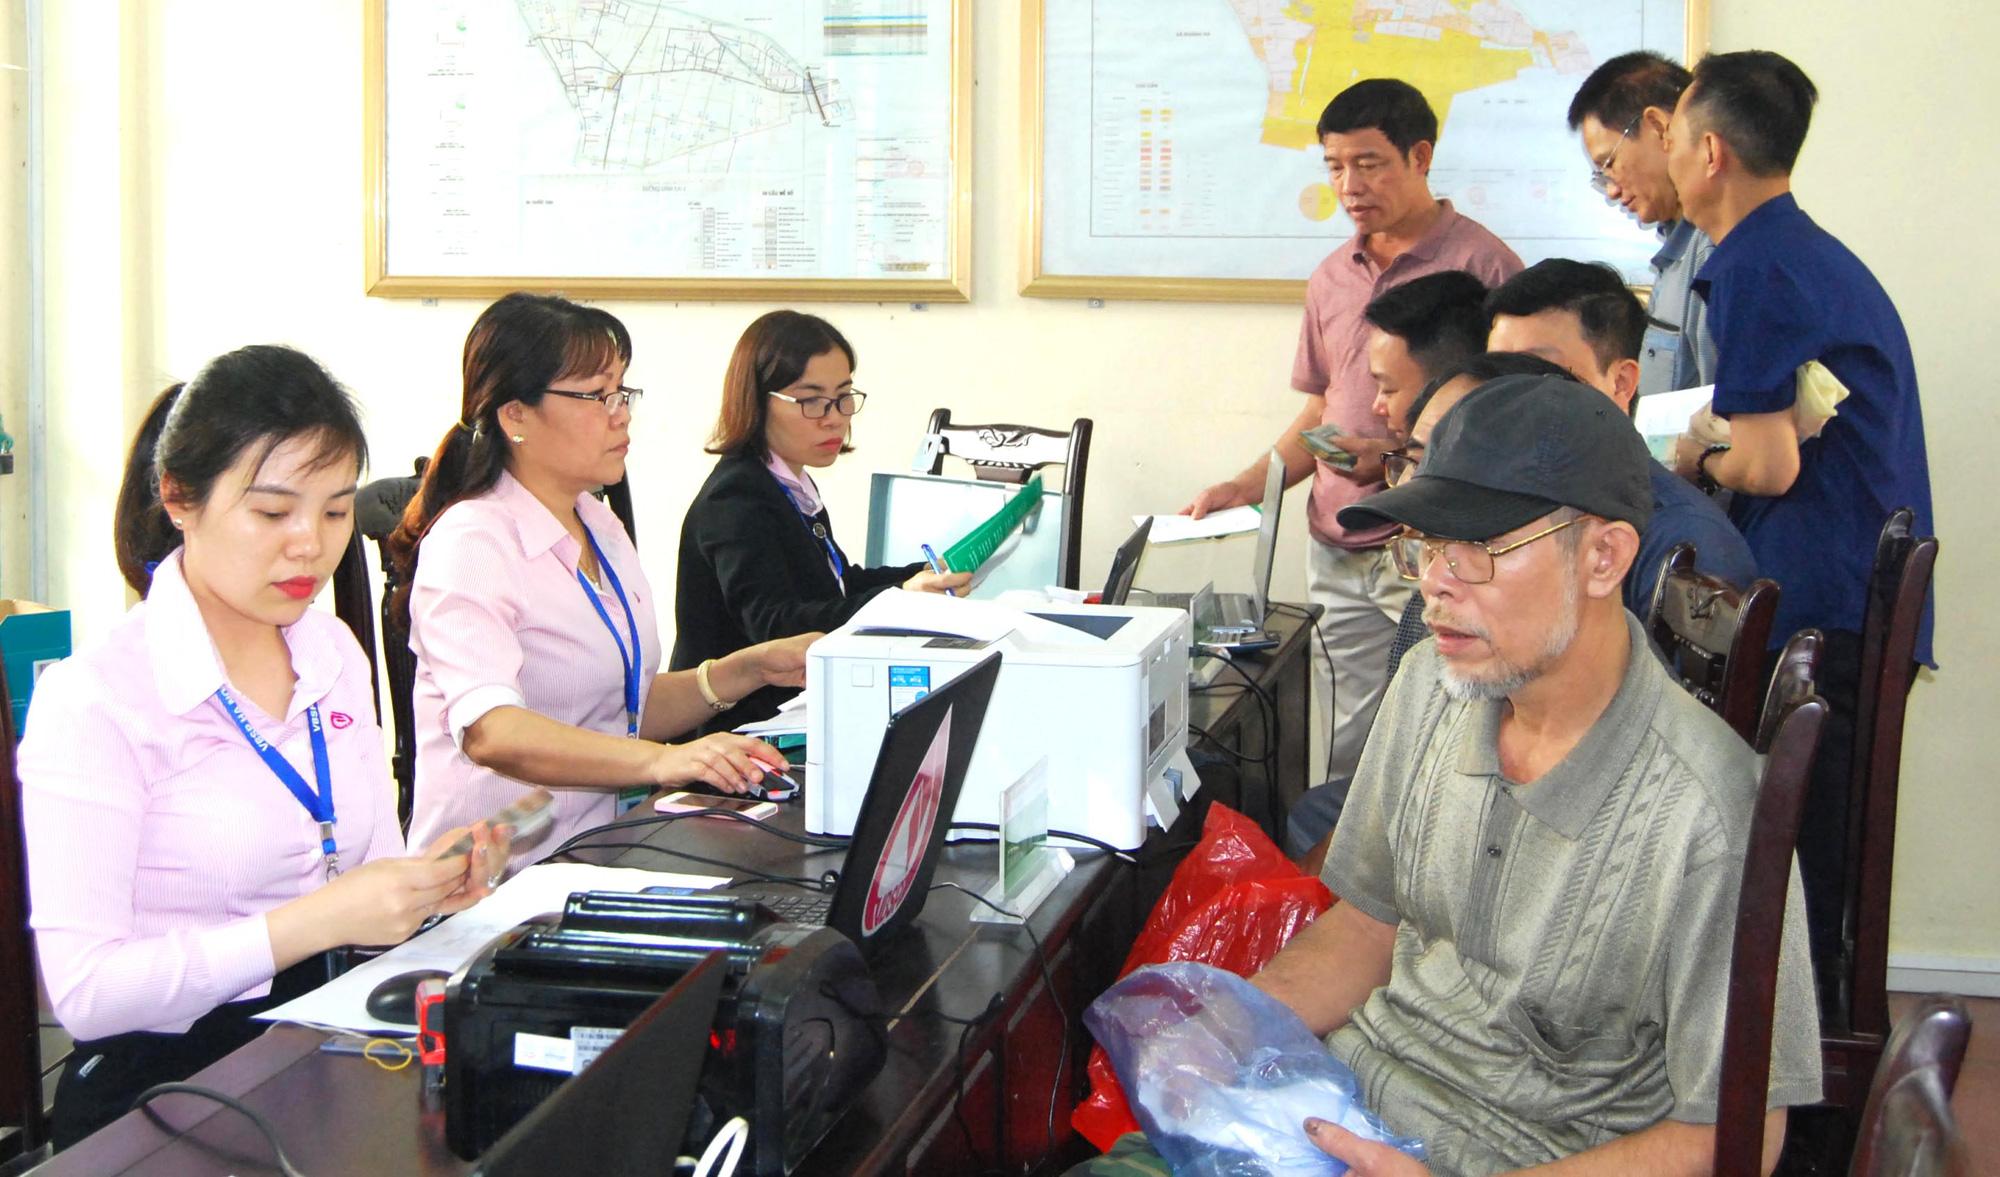 """Cử tri kiến nghị cho vay """"thoáng"""" hơn với hộ nghèo, Thống đốc Nguyễn Thị Hồng nói gì? - Ảnh 2."""